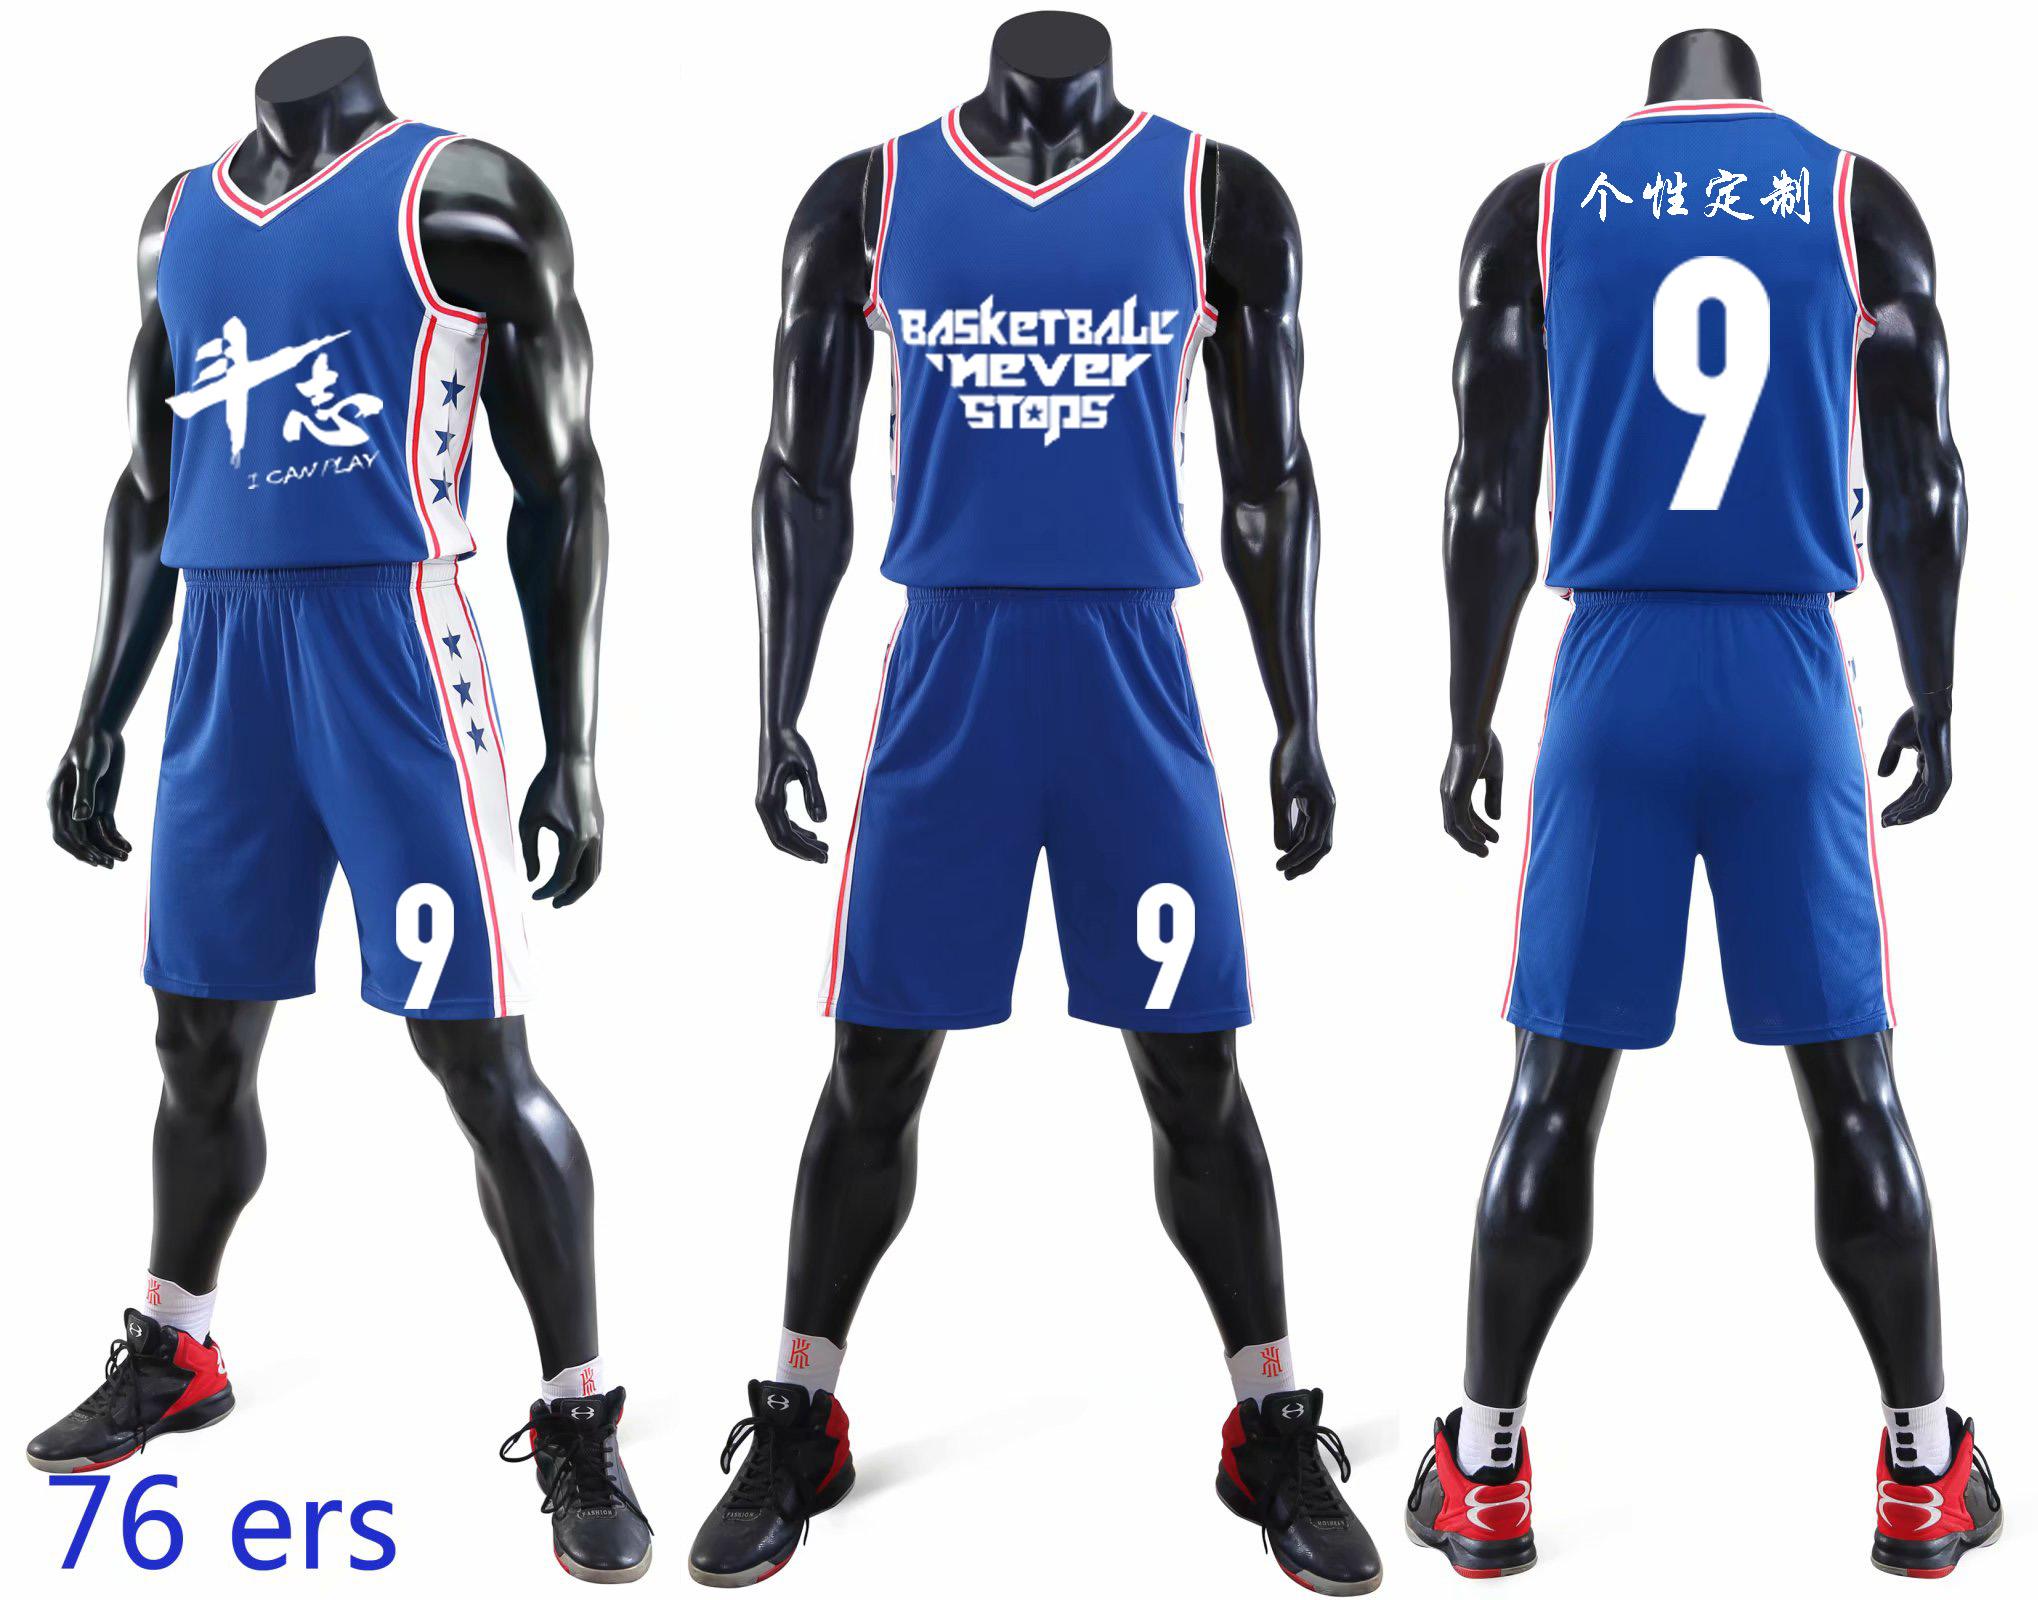 库里球衣篮球服套装男火箭队服定制训练服 NBA球衣全明星篮球勇士